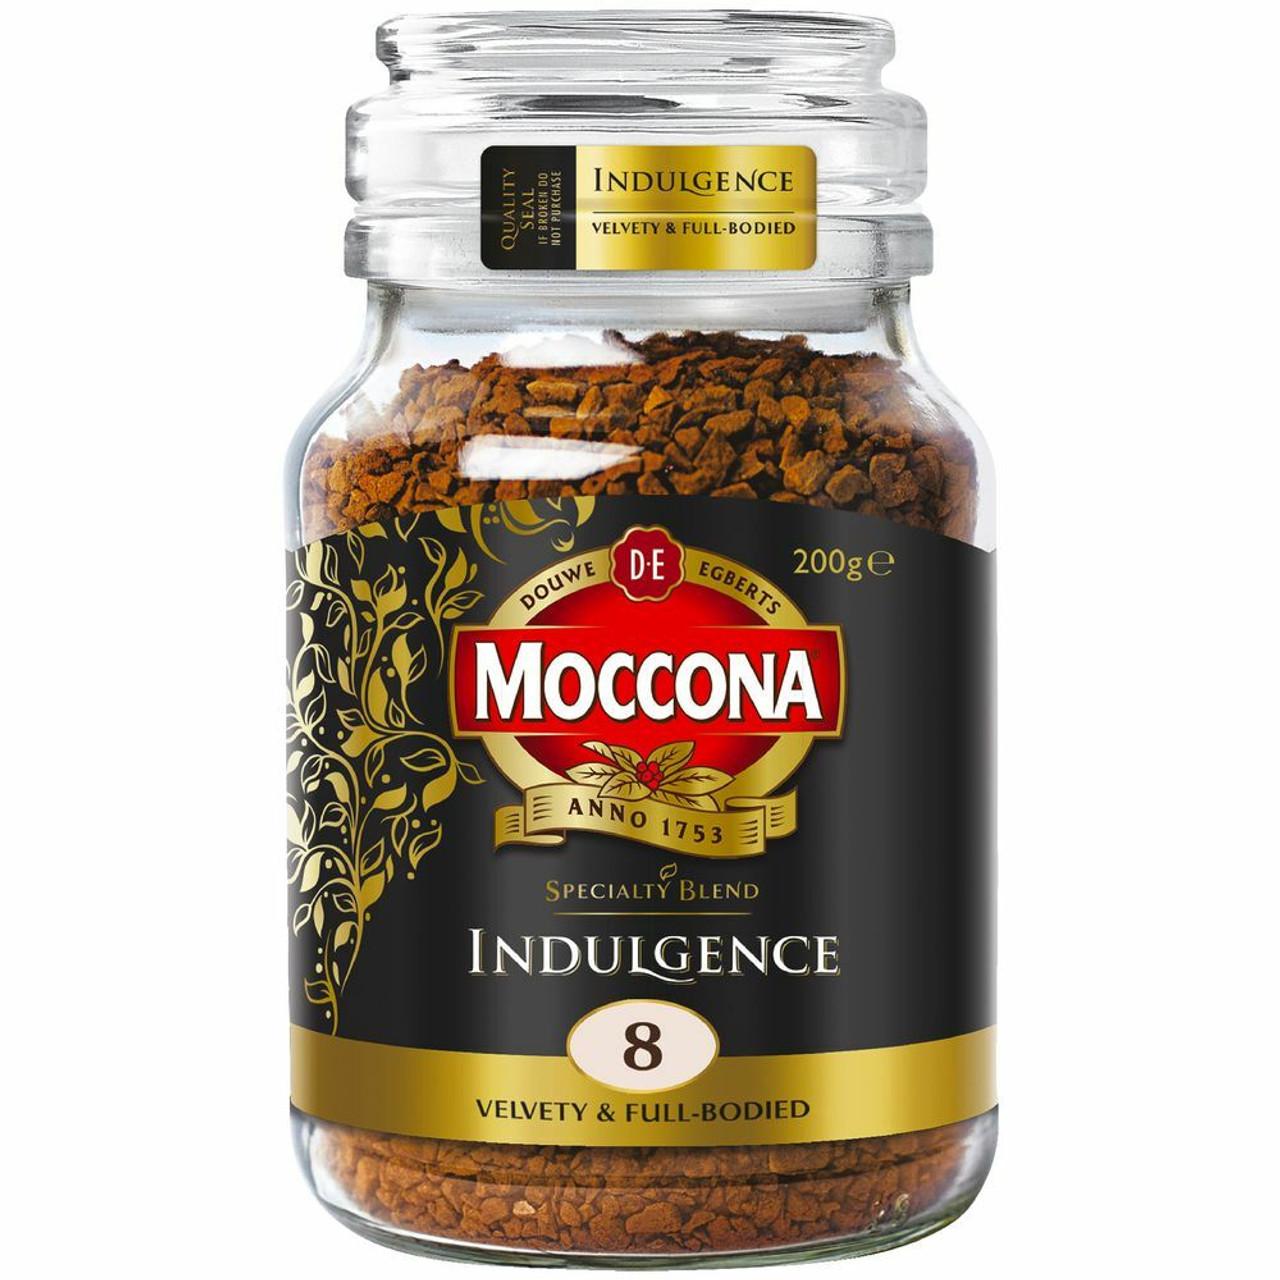 Moccona 33149 Coffee Indulgence Jar 200g